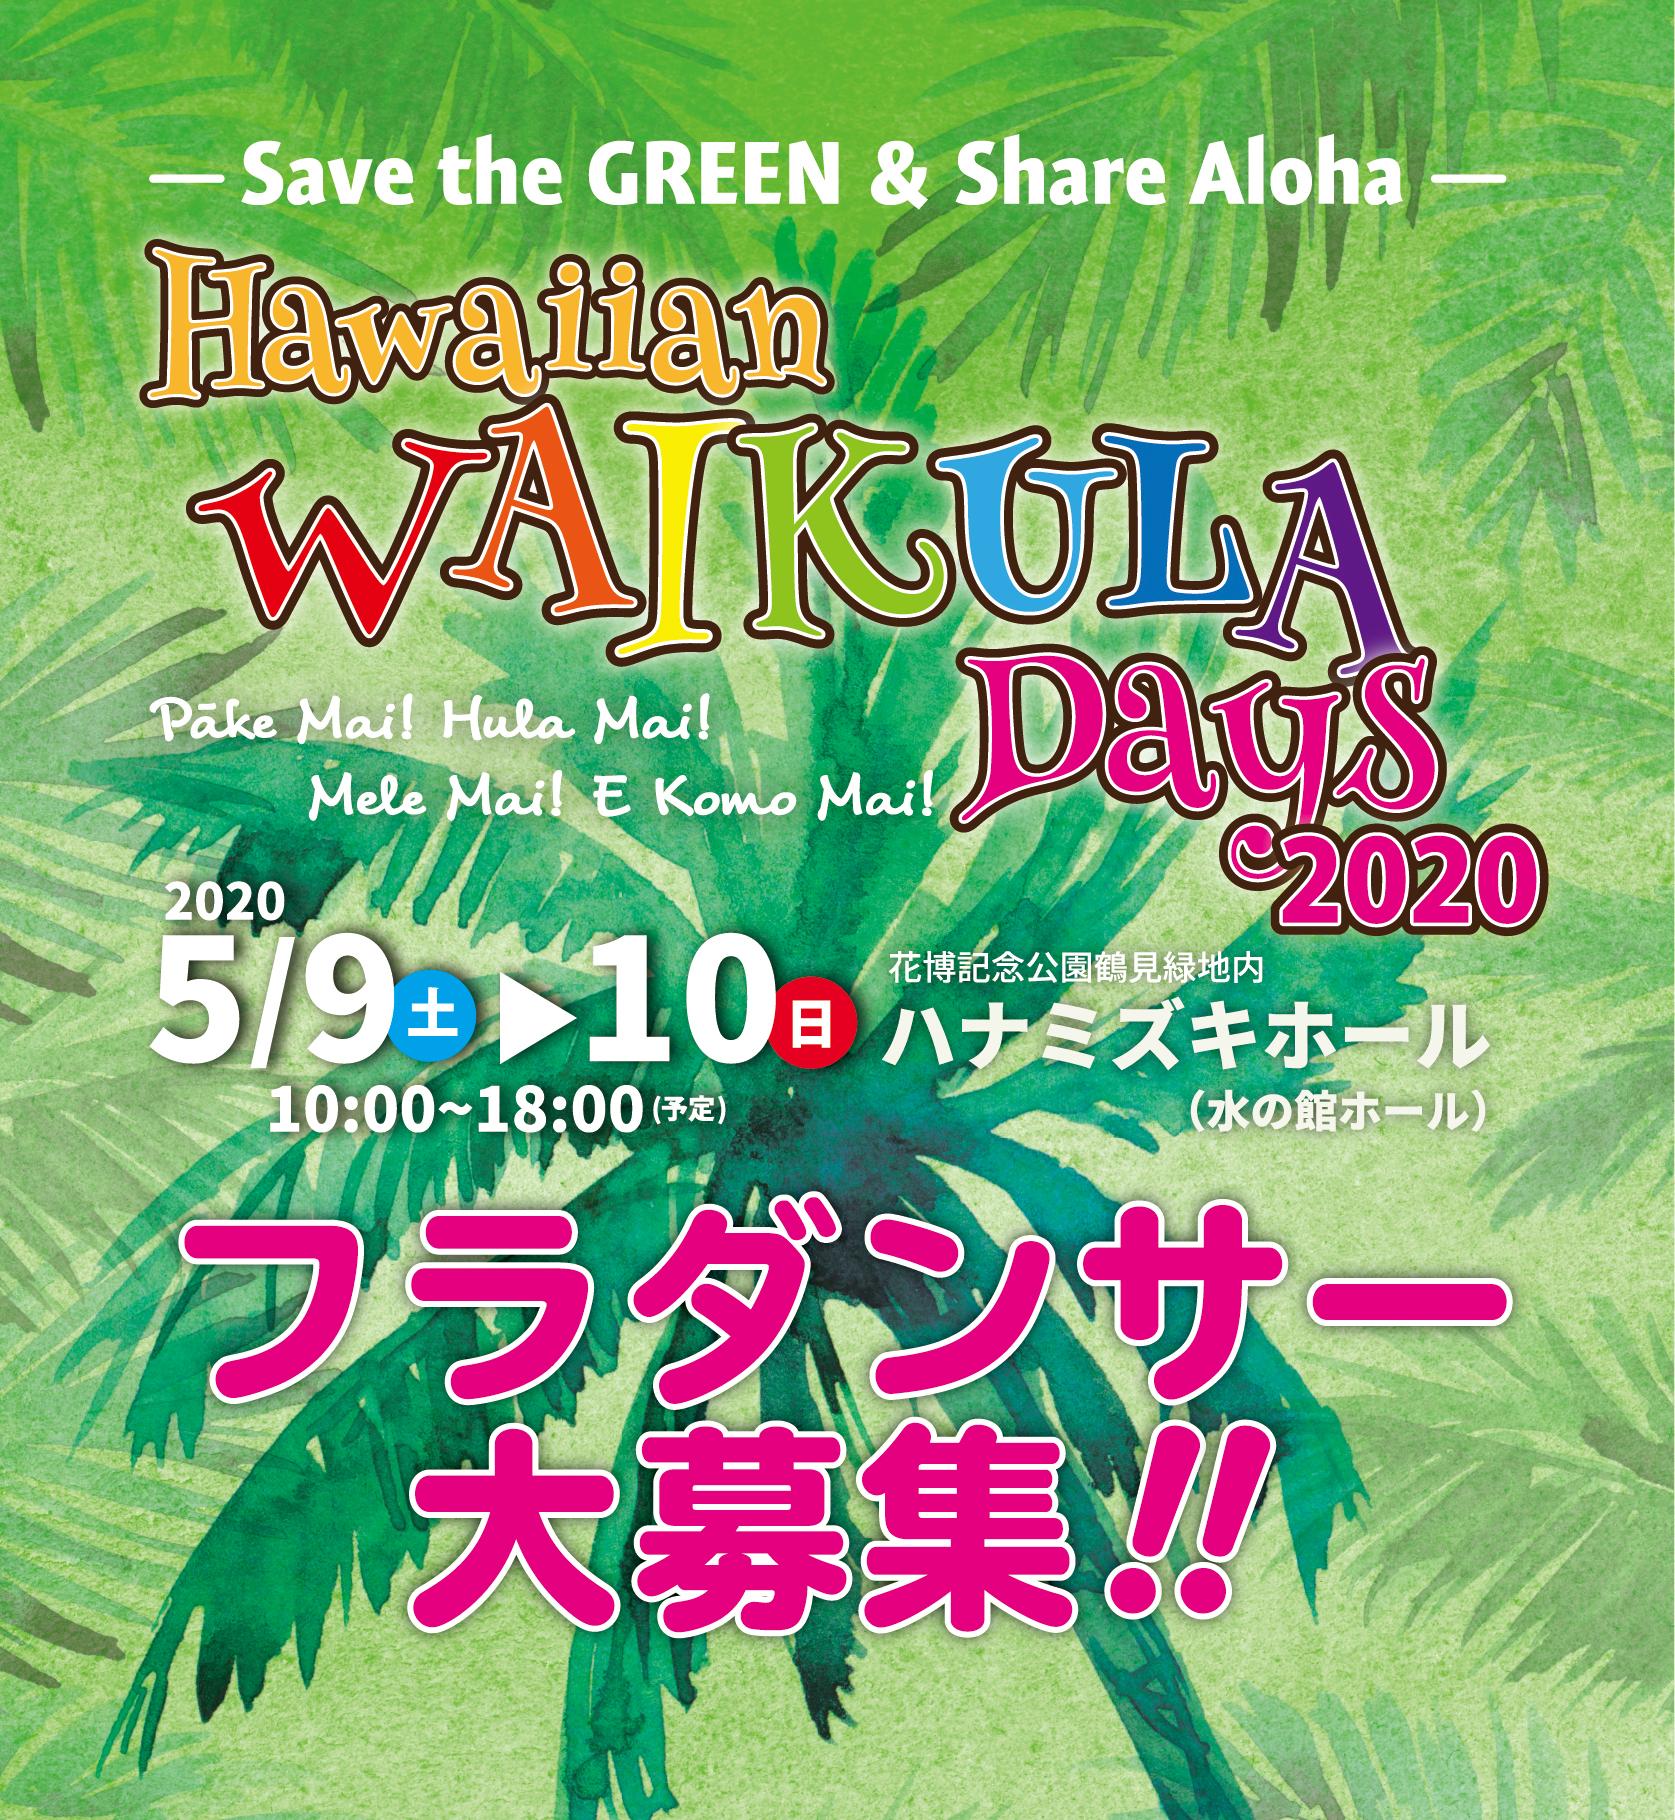 Hawaiian WAI KULA Days 2020  ー鶴見緑地でハワイを見つける!ー  とは